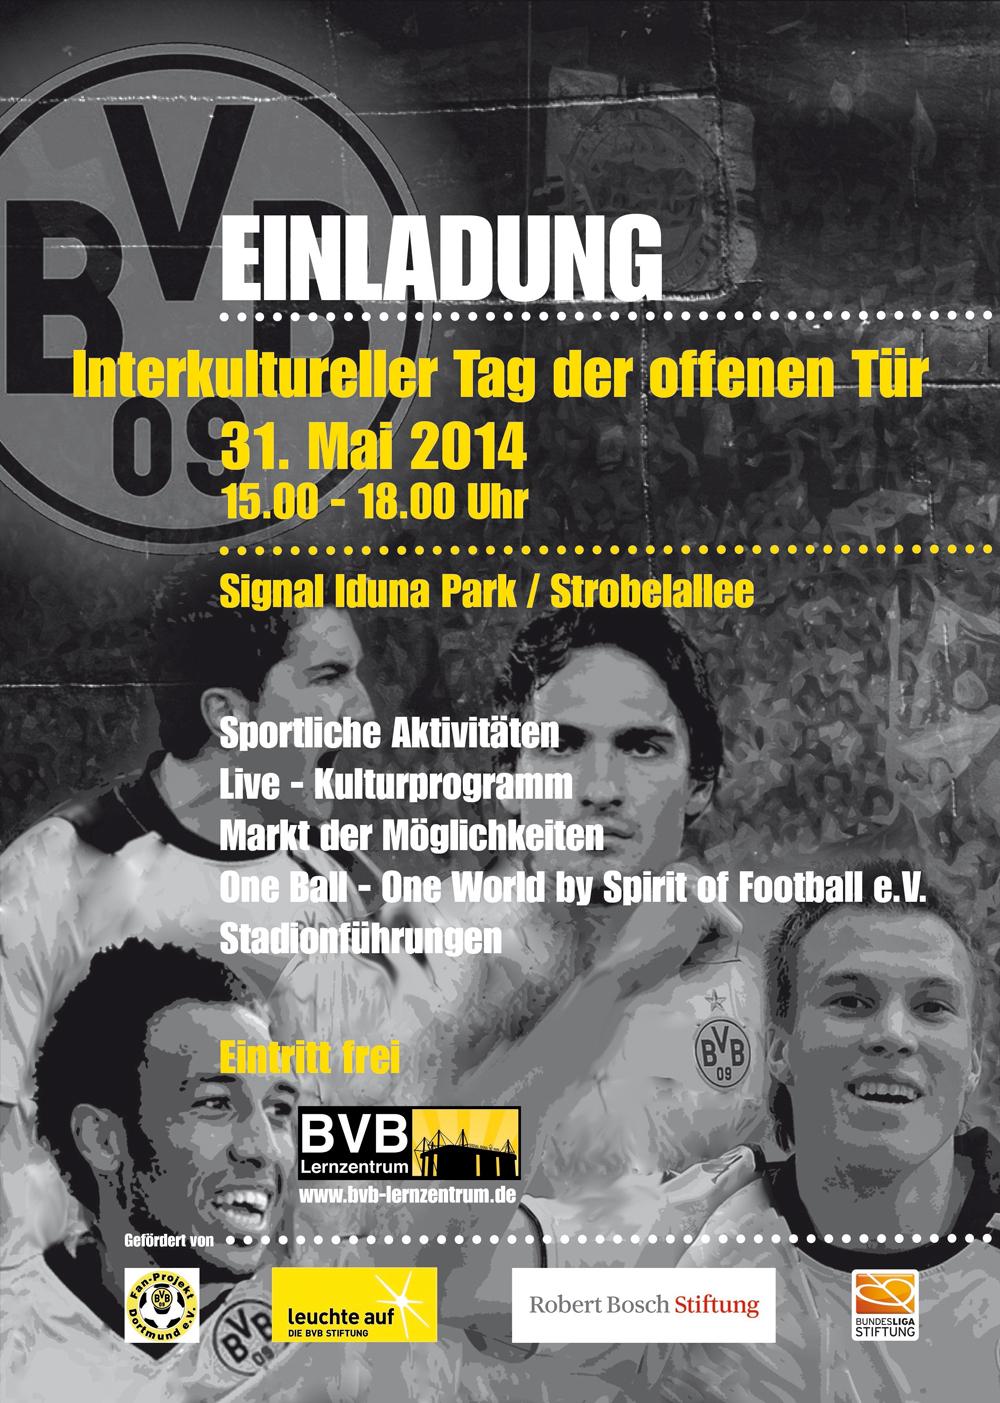 EINLADUNG-BVB-LZ-31.05.2014_klein